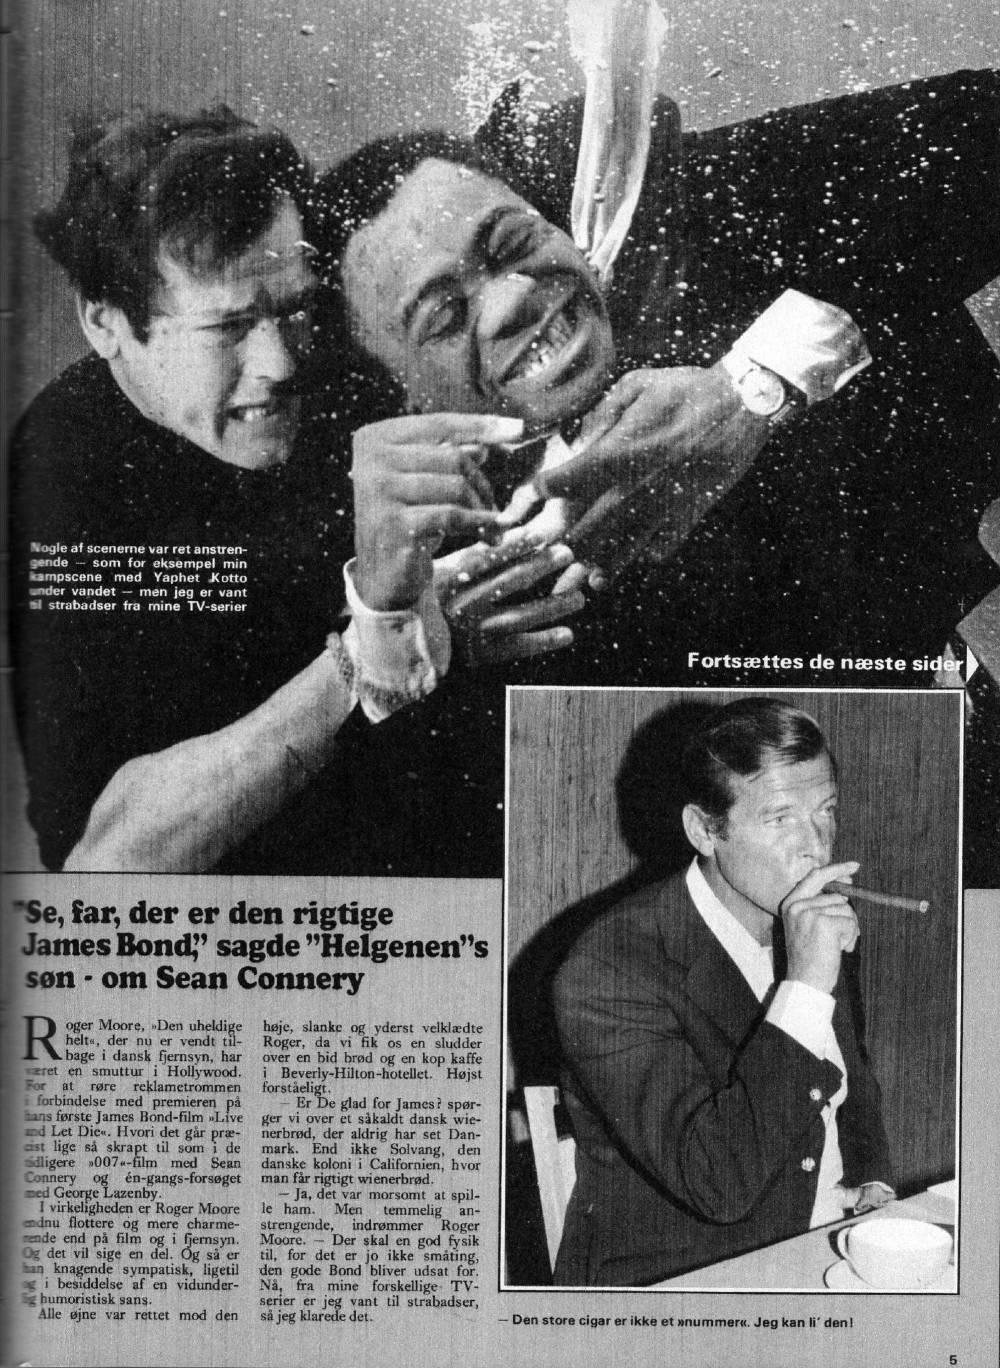 Roger Moore Lev og lad dø SH31 030873 B